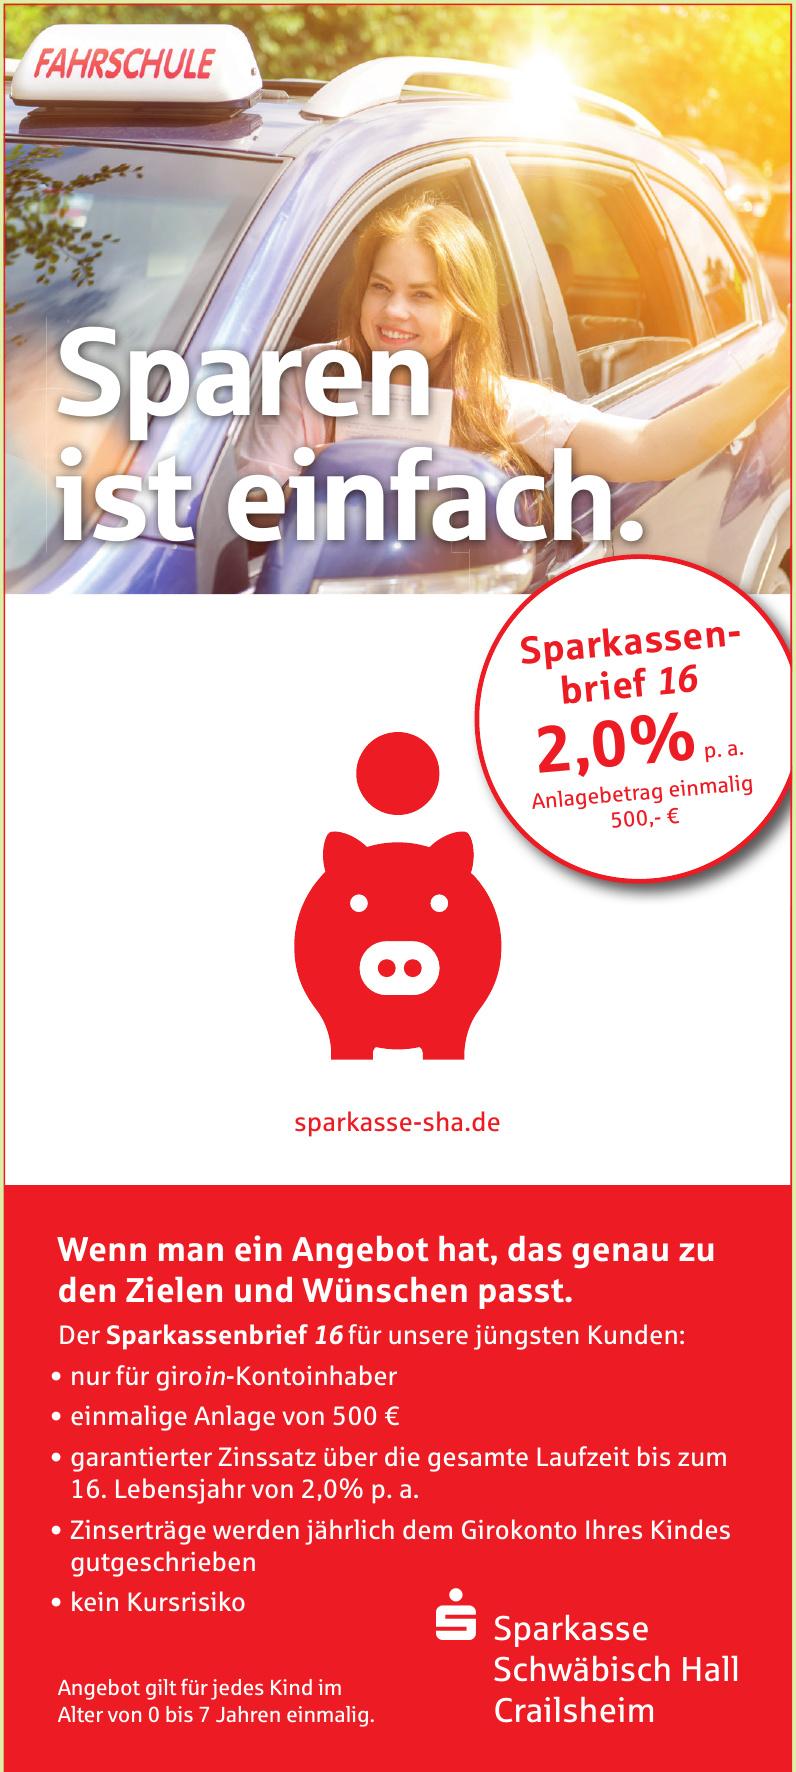 Sparkasse Schwäbisch Hall Crailsheim